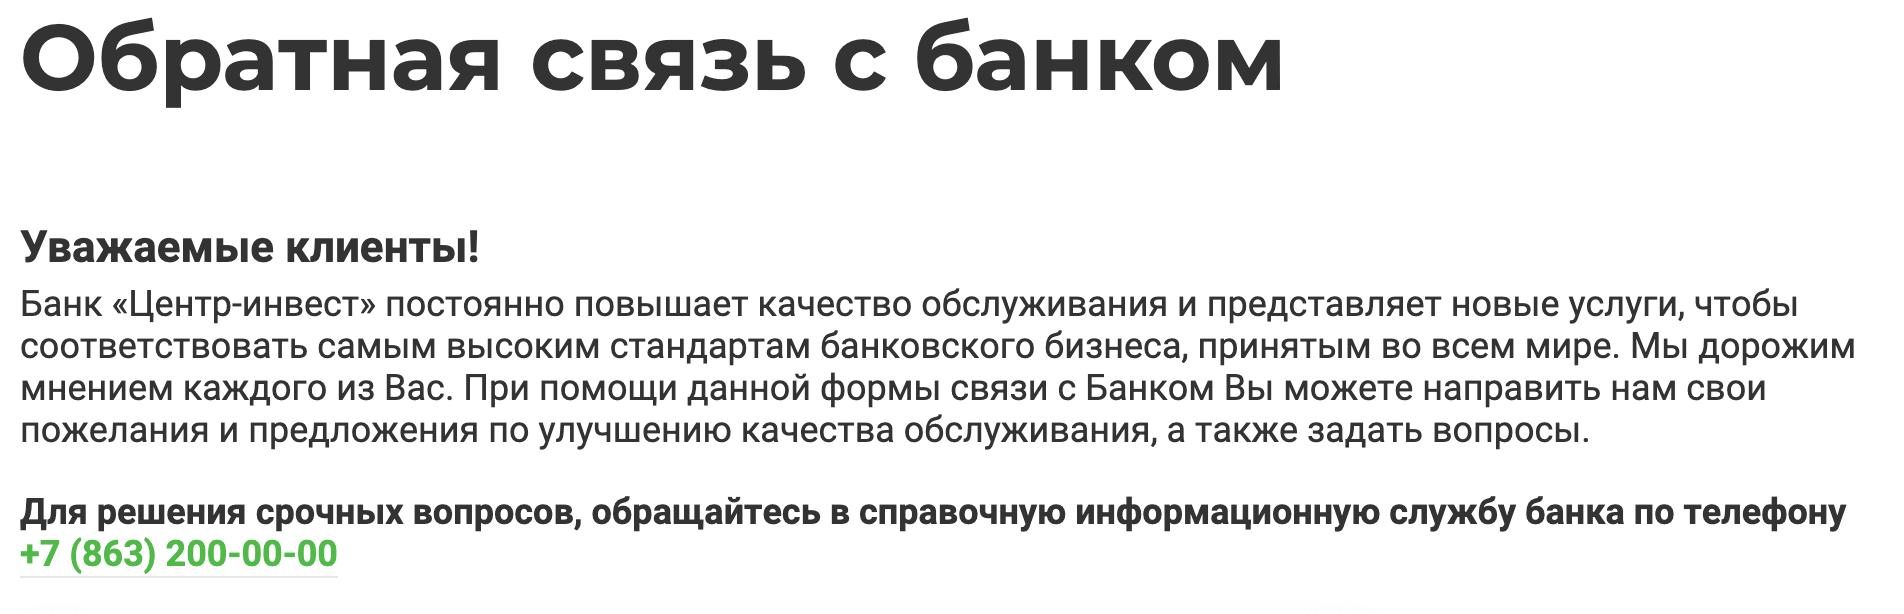 центр инвест банк обратная связь